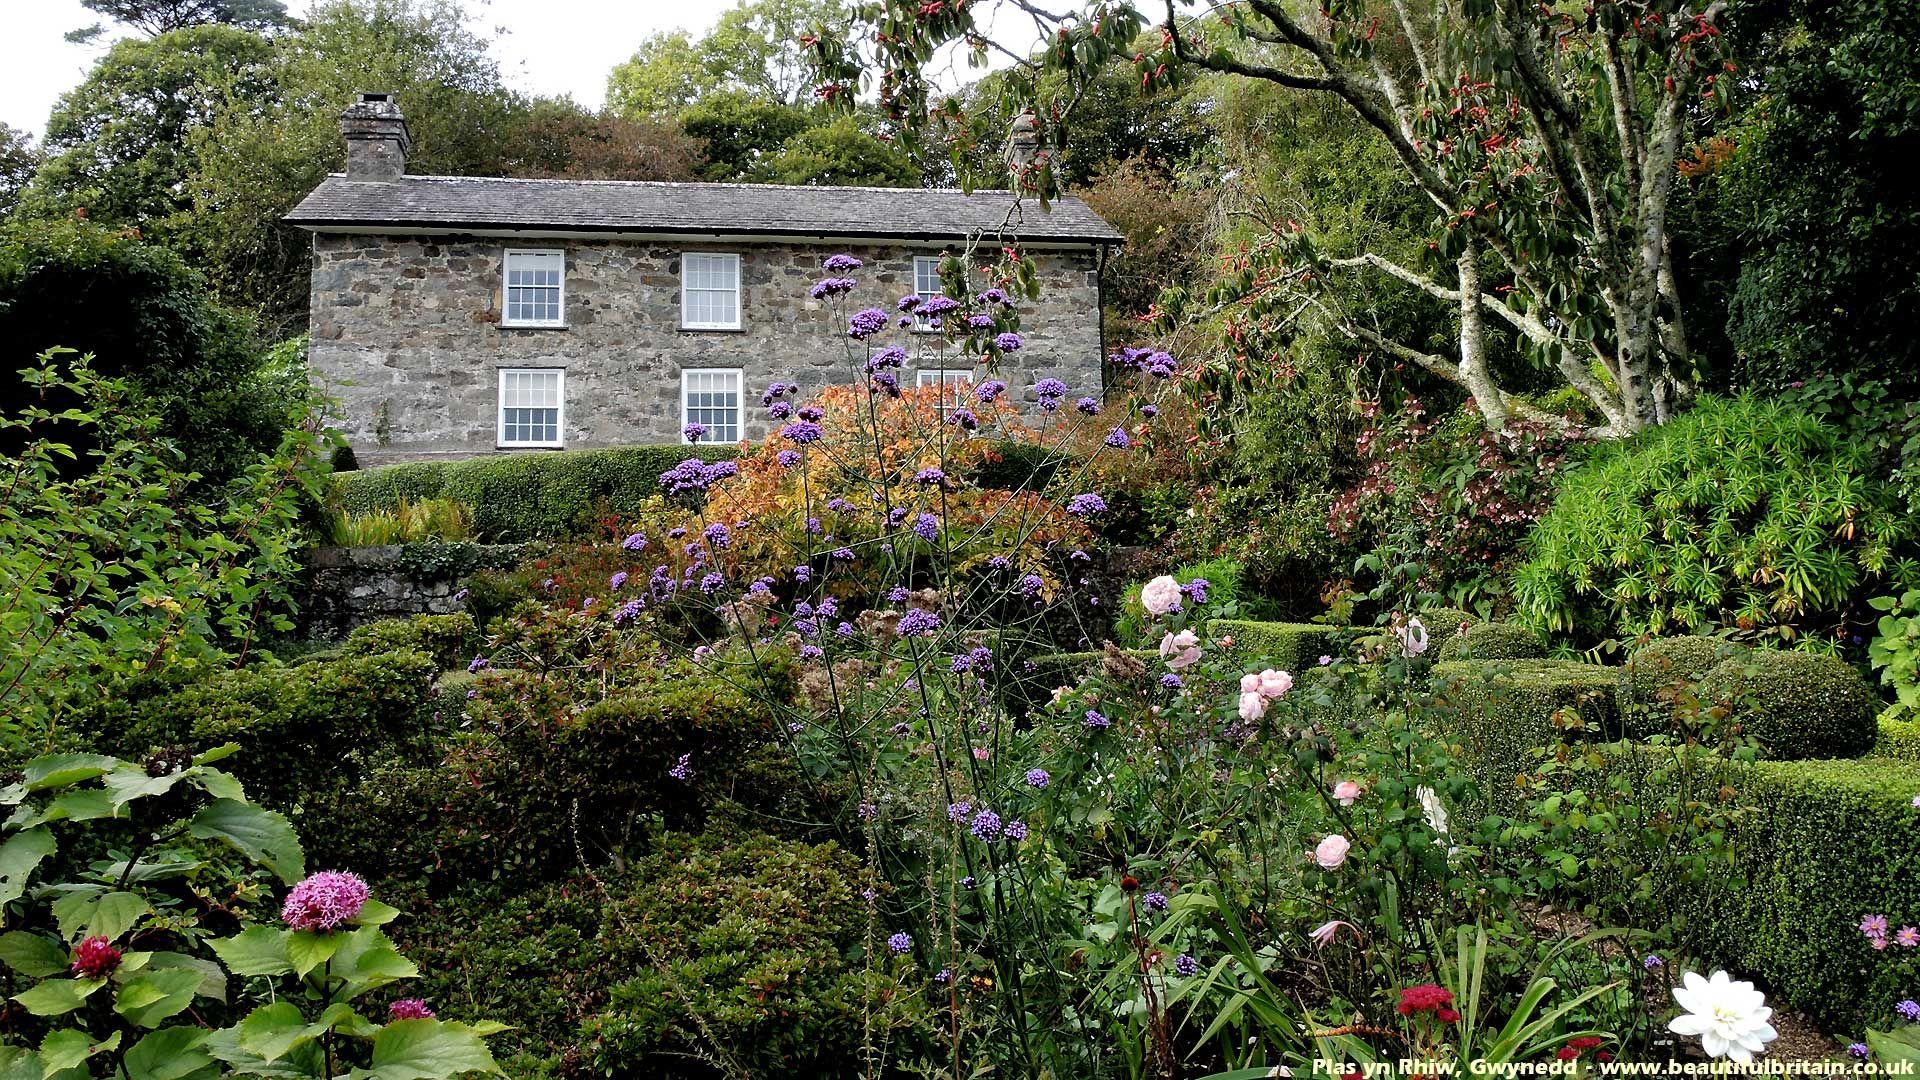 Plas Yn Rhiw Gwynedd House Styles Garden Home Decor